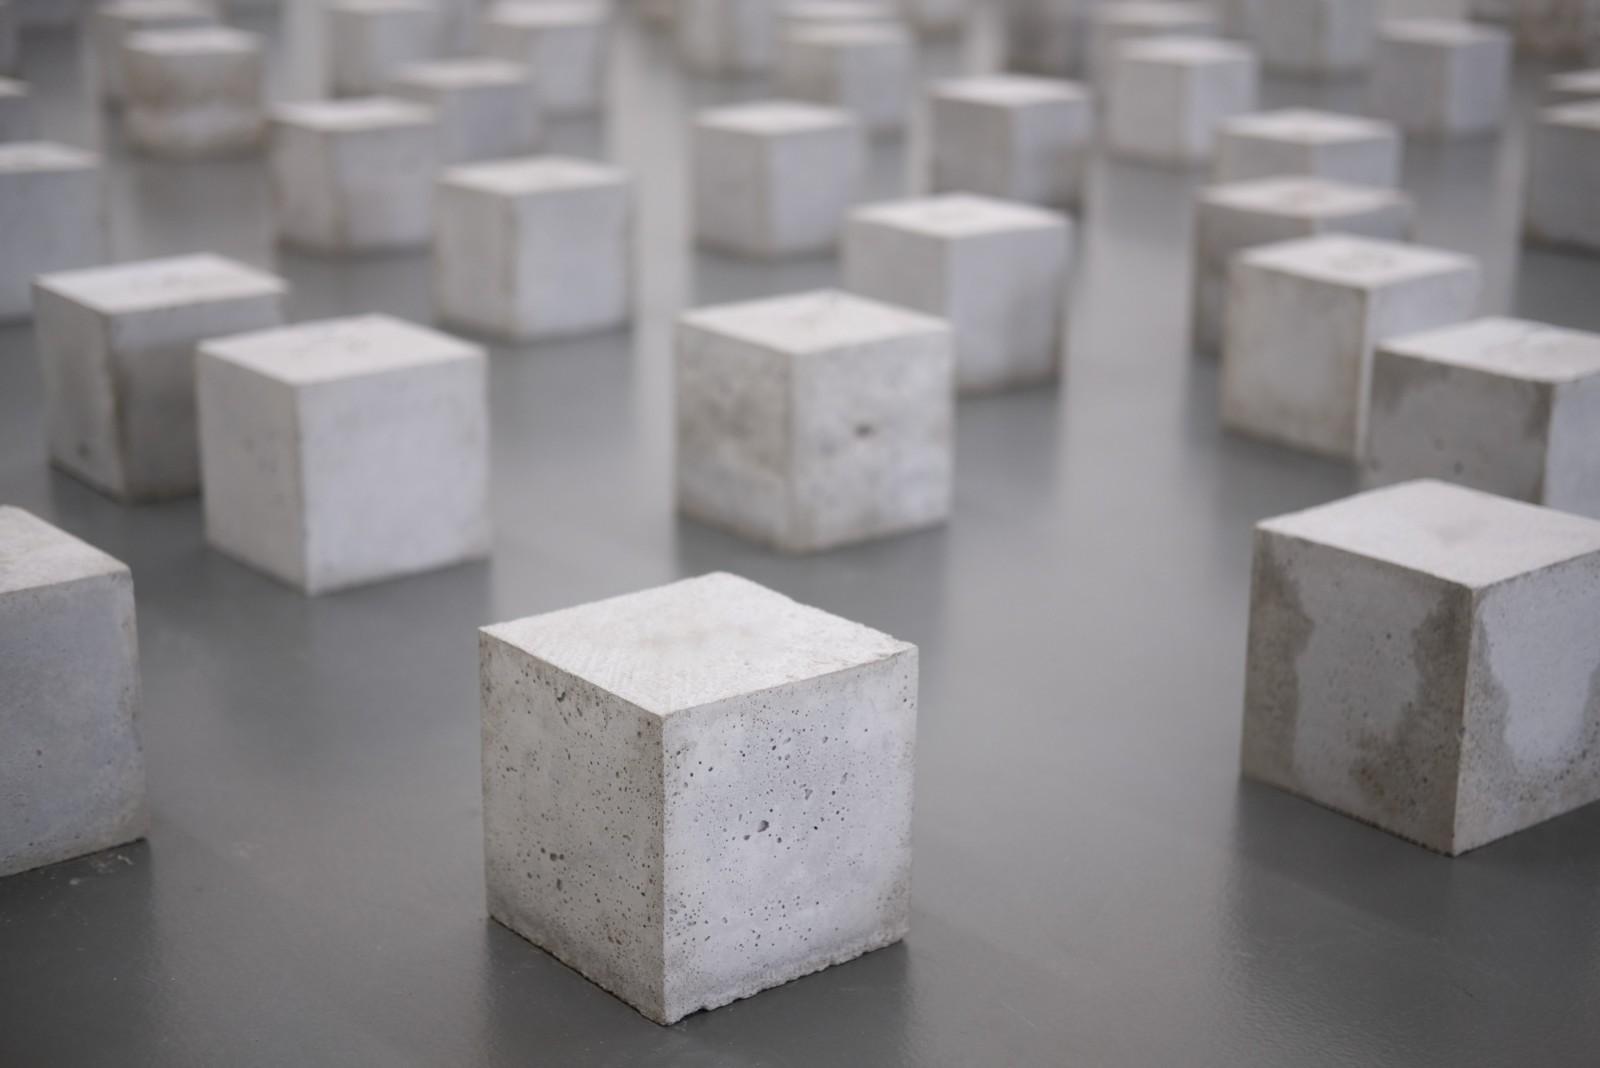 Образец бетона 1 м3 цементного раствора цена